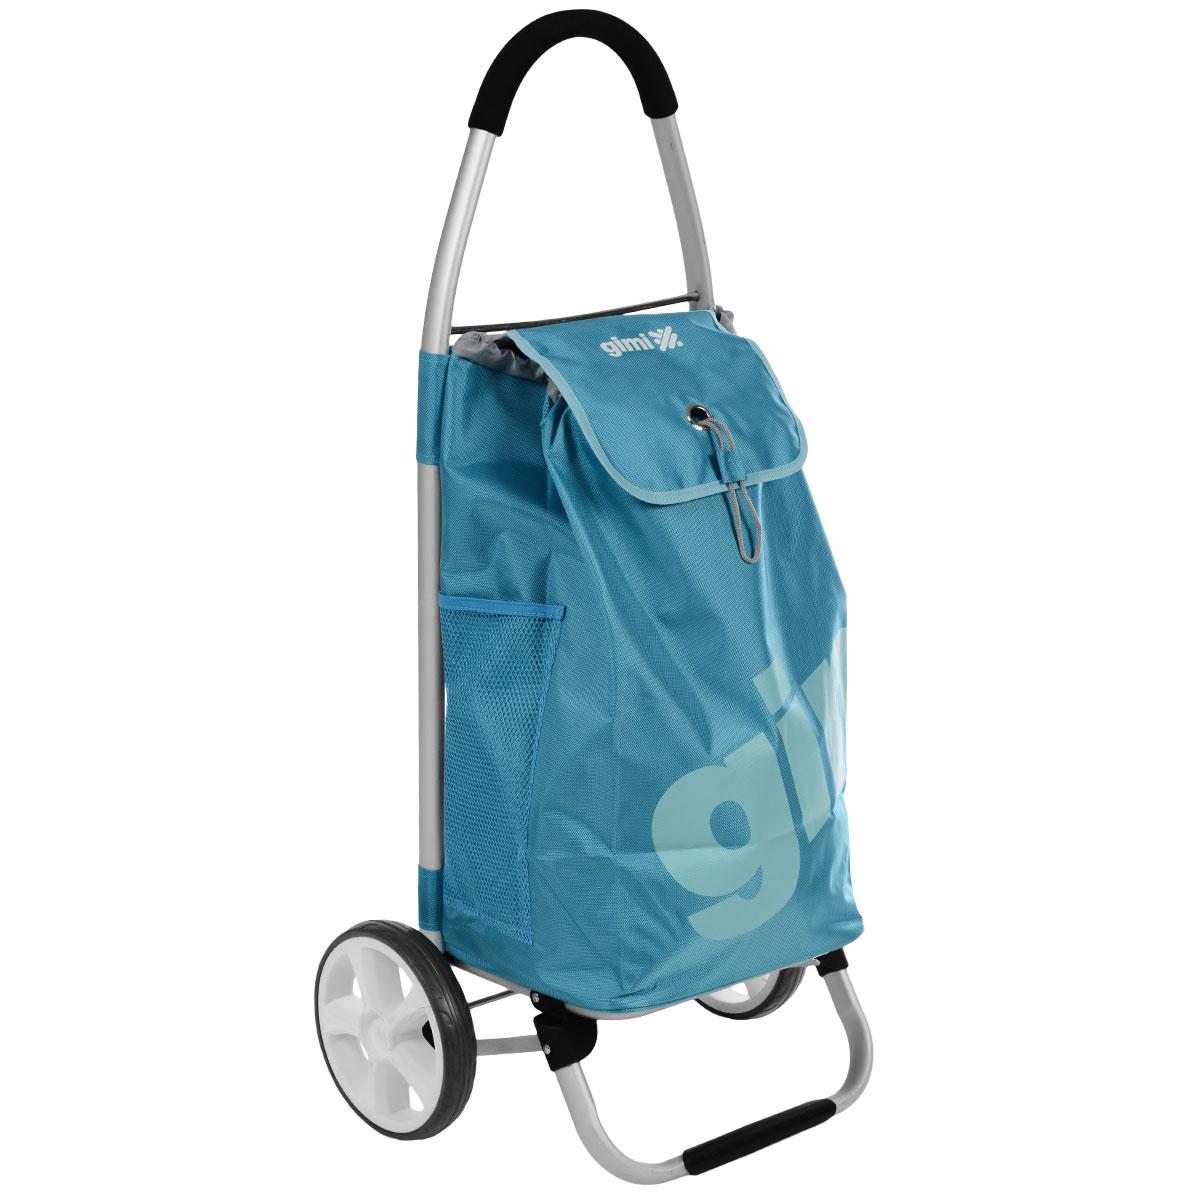 Сумка-тележка Gimi Galaxy, цвет: голубойБрелок для ключейХозяйственная сумка-тележка Gimi Galaxy - это очень мощная сумка-тележка длясамых непроходимых дорог и любой непогоды. Легкий каркас из алюминия снадежной подножкой и дополнительными перемычками на основании дляповышенной прочности, тщательно изготовленные детали из высокопрочногополимера.Колеса облегченные, со скользящей втулкой для лучшего вращения. Покрытиеколес изготовлено из севилена - износостойкого и морозоустойчивого материала.Широкая горловина сумки затягивается на кулиску и накрывается клапаном соригинальной застежкой. Внутри сумки - вставное пластиковое дно для жесткостии придания формы. Водоустойчивая сумка увеличенной толщины оснащена заднимкарманом на молнии и 2 боковыми карманами-сетками. Ручка с покрытием softtouch.Максимальная грузоподъемность: 30 кг.Вместимость сумки: 50 л.Размеры (вместе с тележкой): 47 х 37 х 102 см.Высота сумки: 60 см.Ширина сумки: 36 см.Глубина сумки: 23 см.